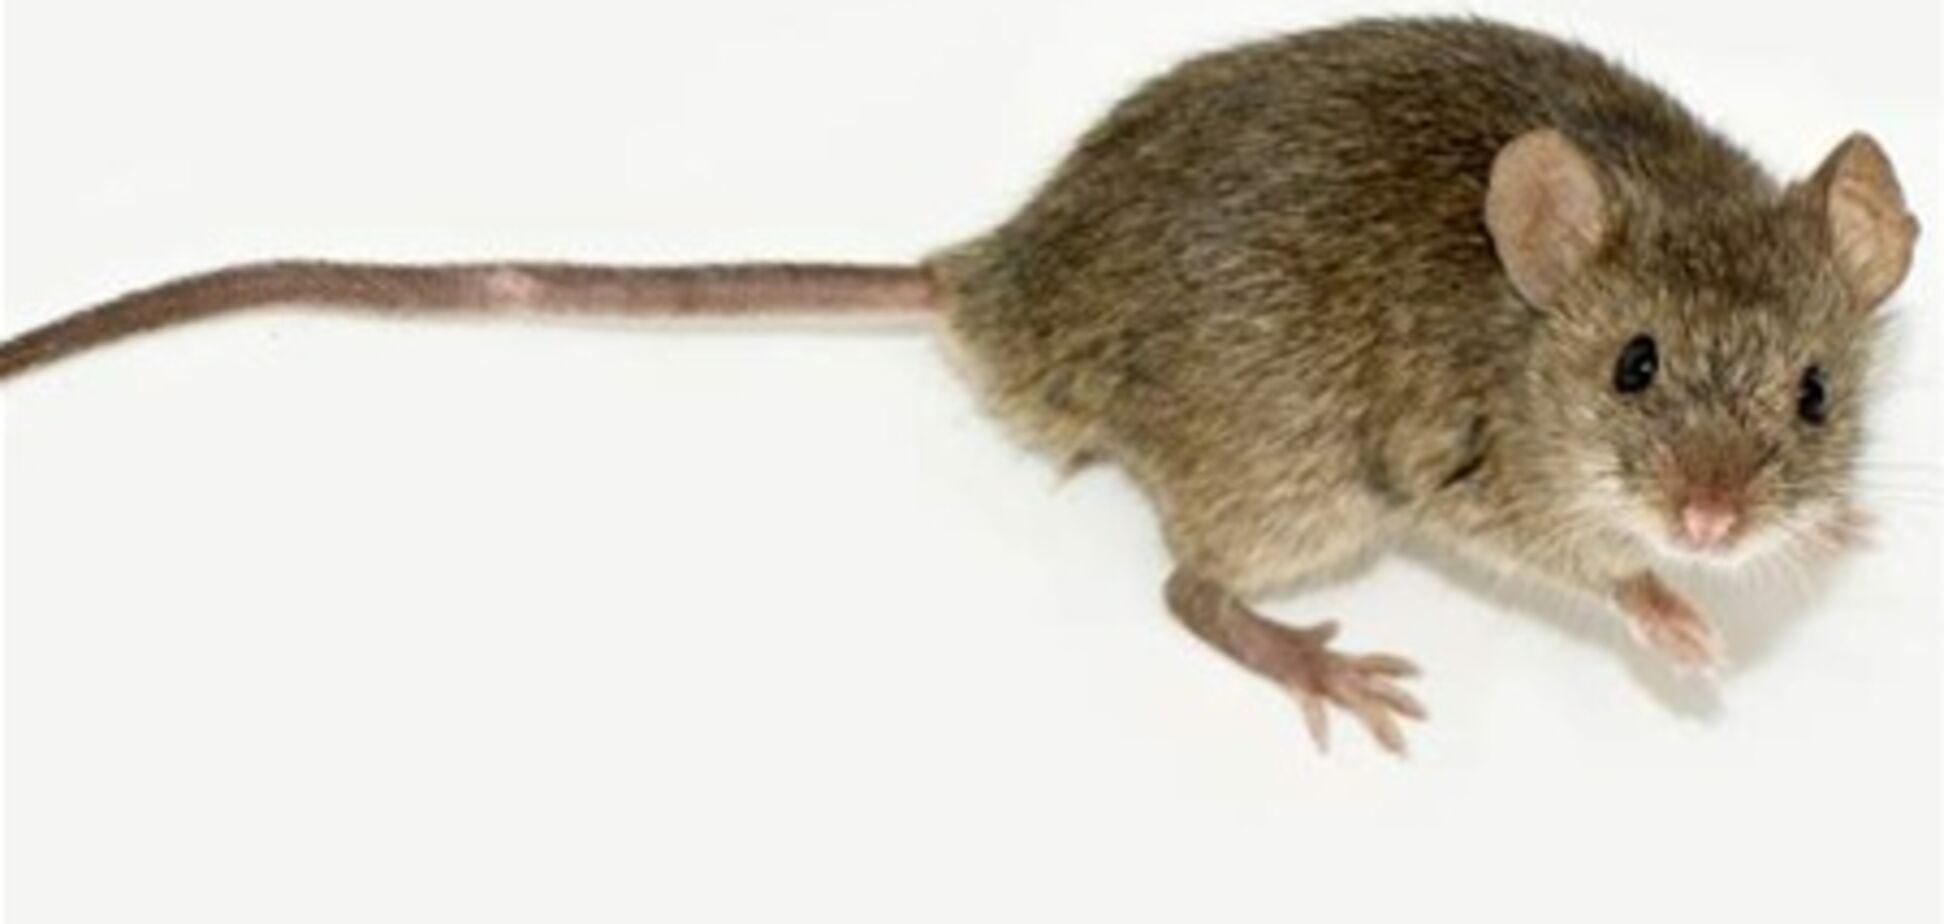 Канадець випадково вистрілив у себе під час полювання на мишу